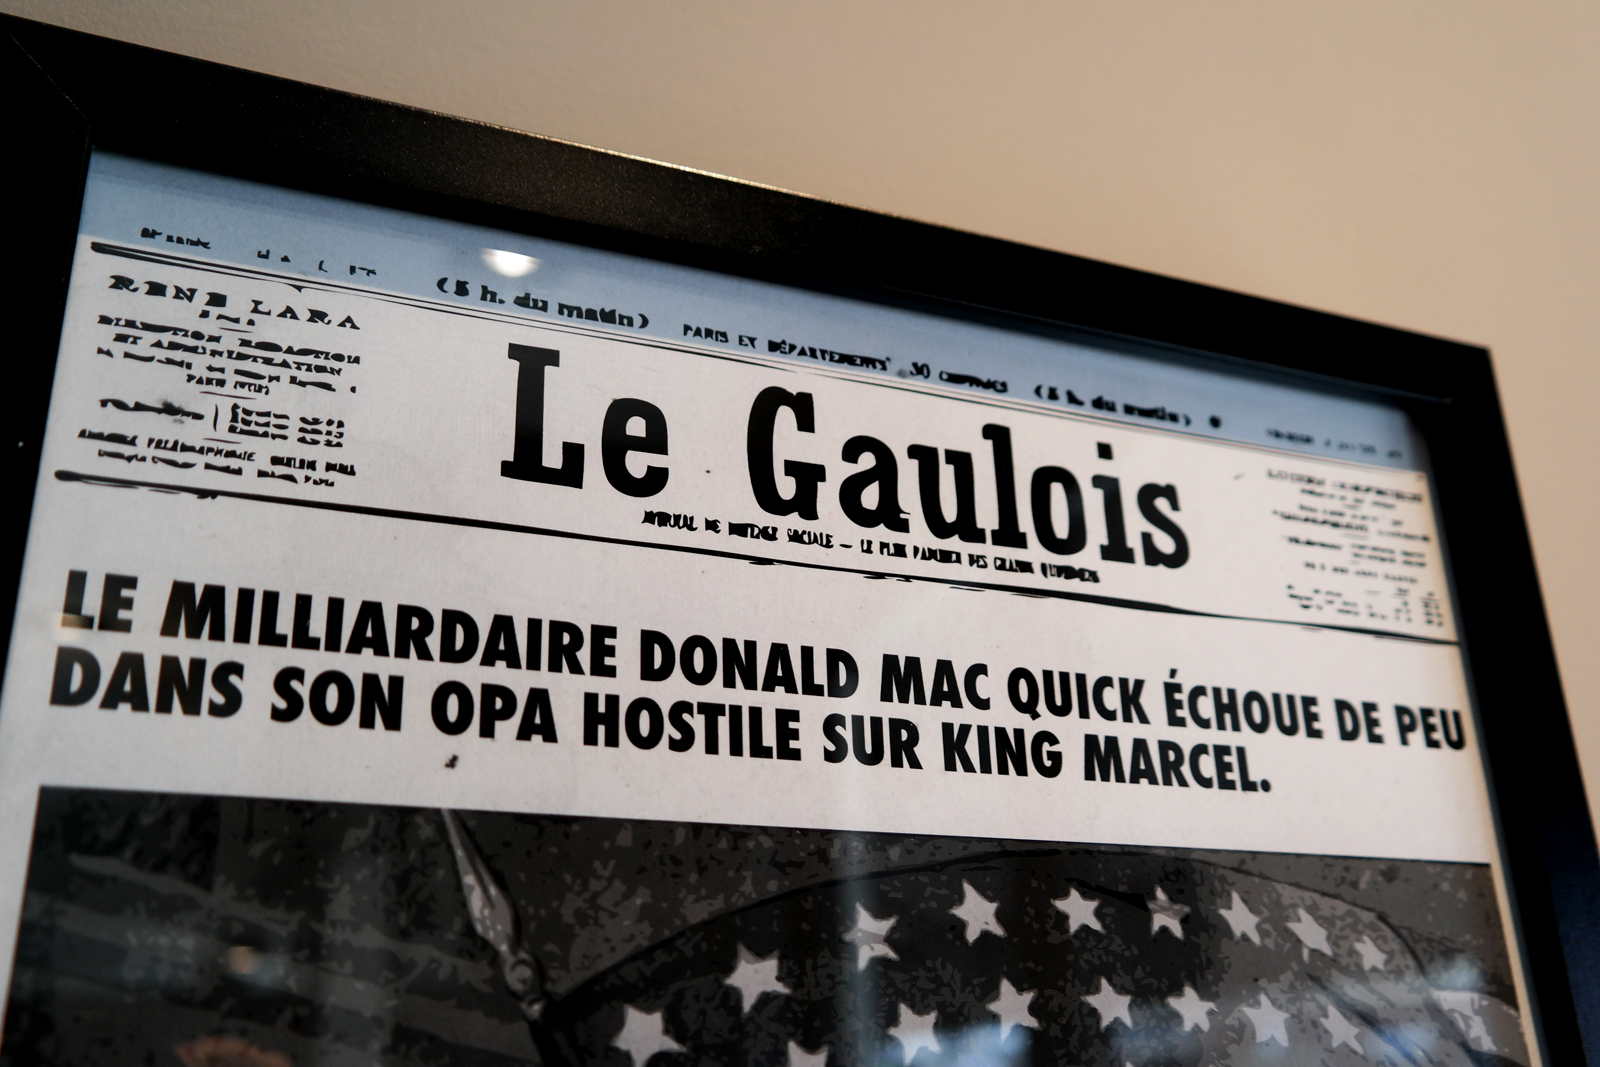 Archive du King Marcel